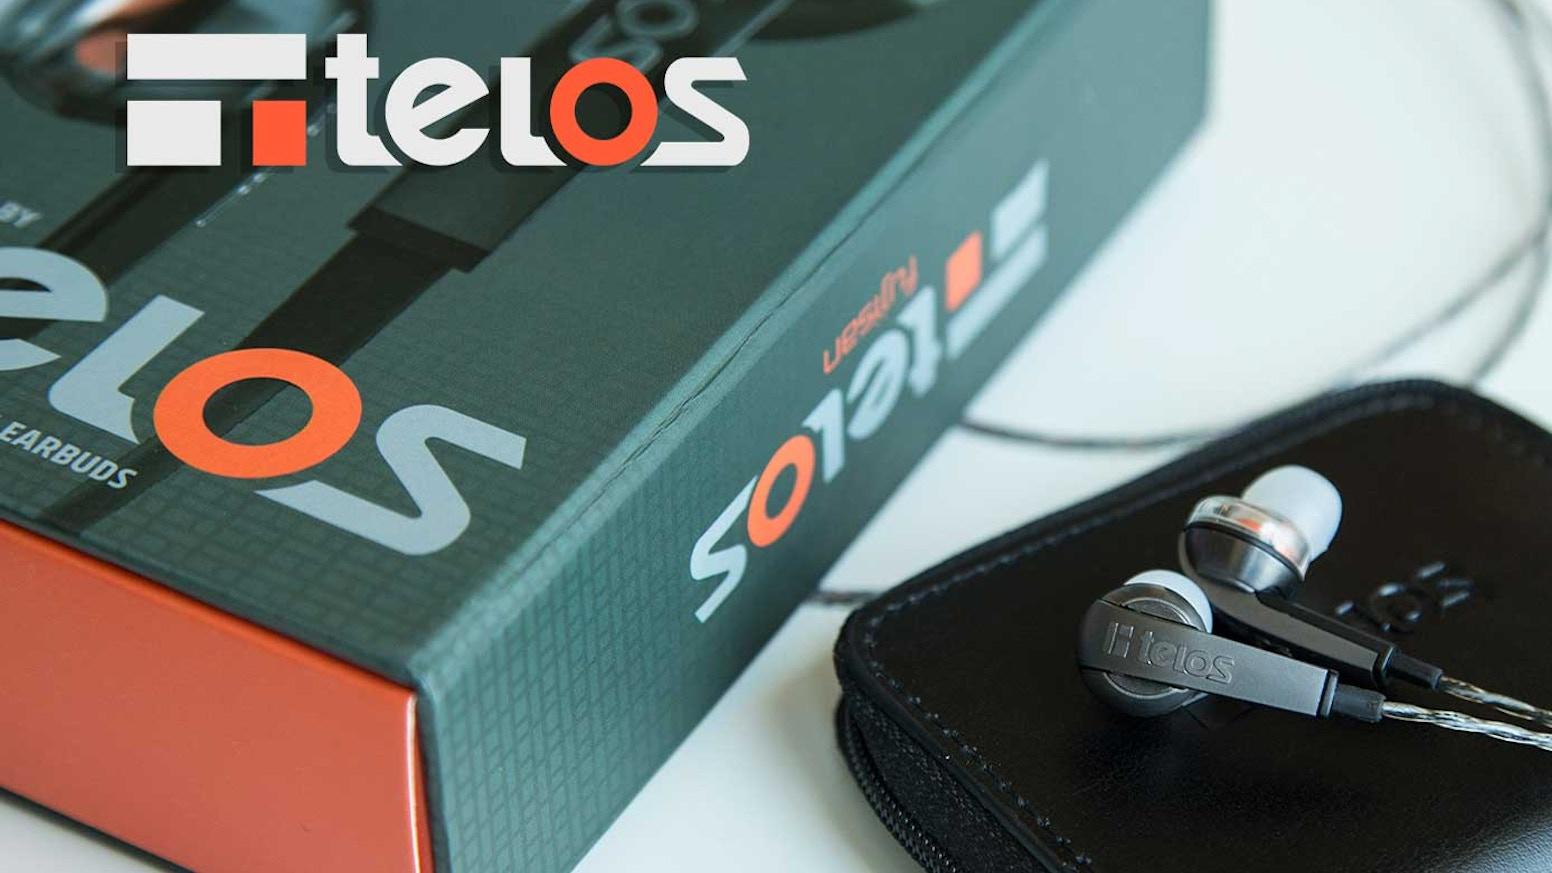 Fujisan - Premium In-Ear Headphones by Telos Acoustics by